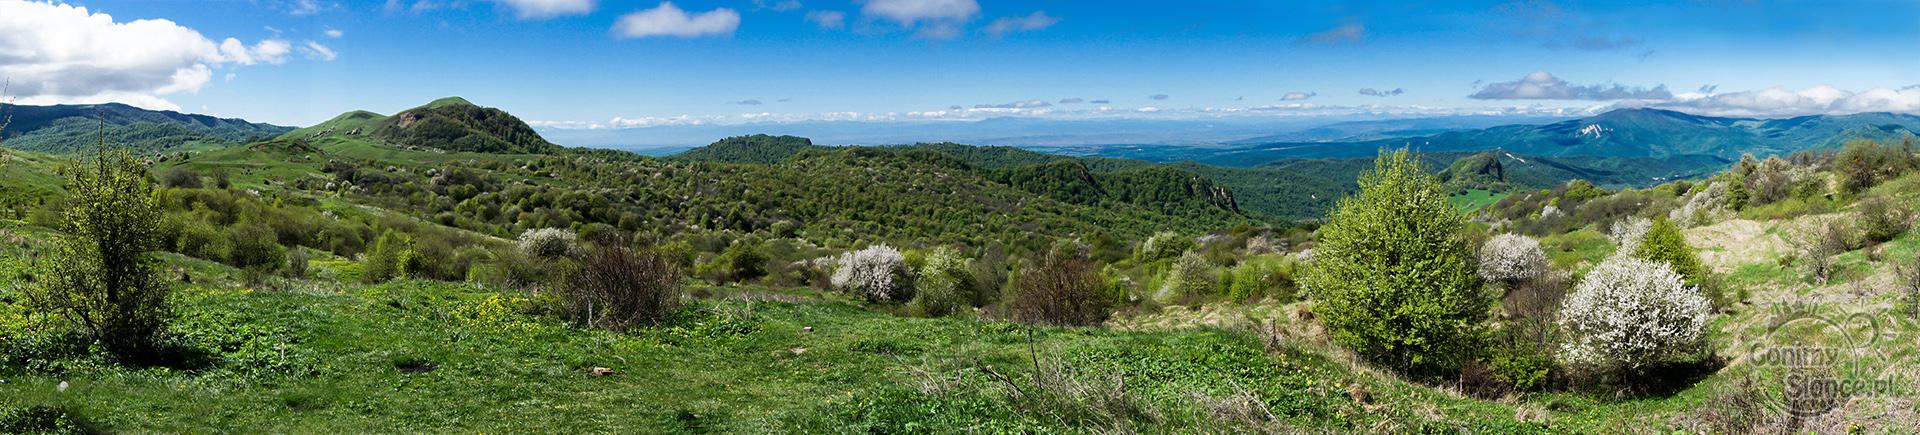 widok z trasy do Kachetii, Gruzja